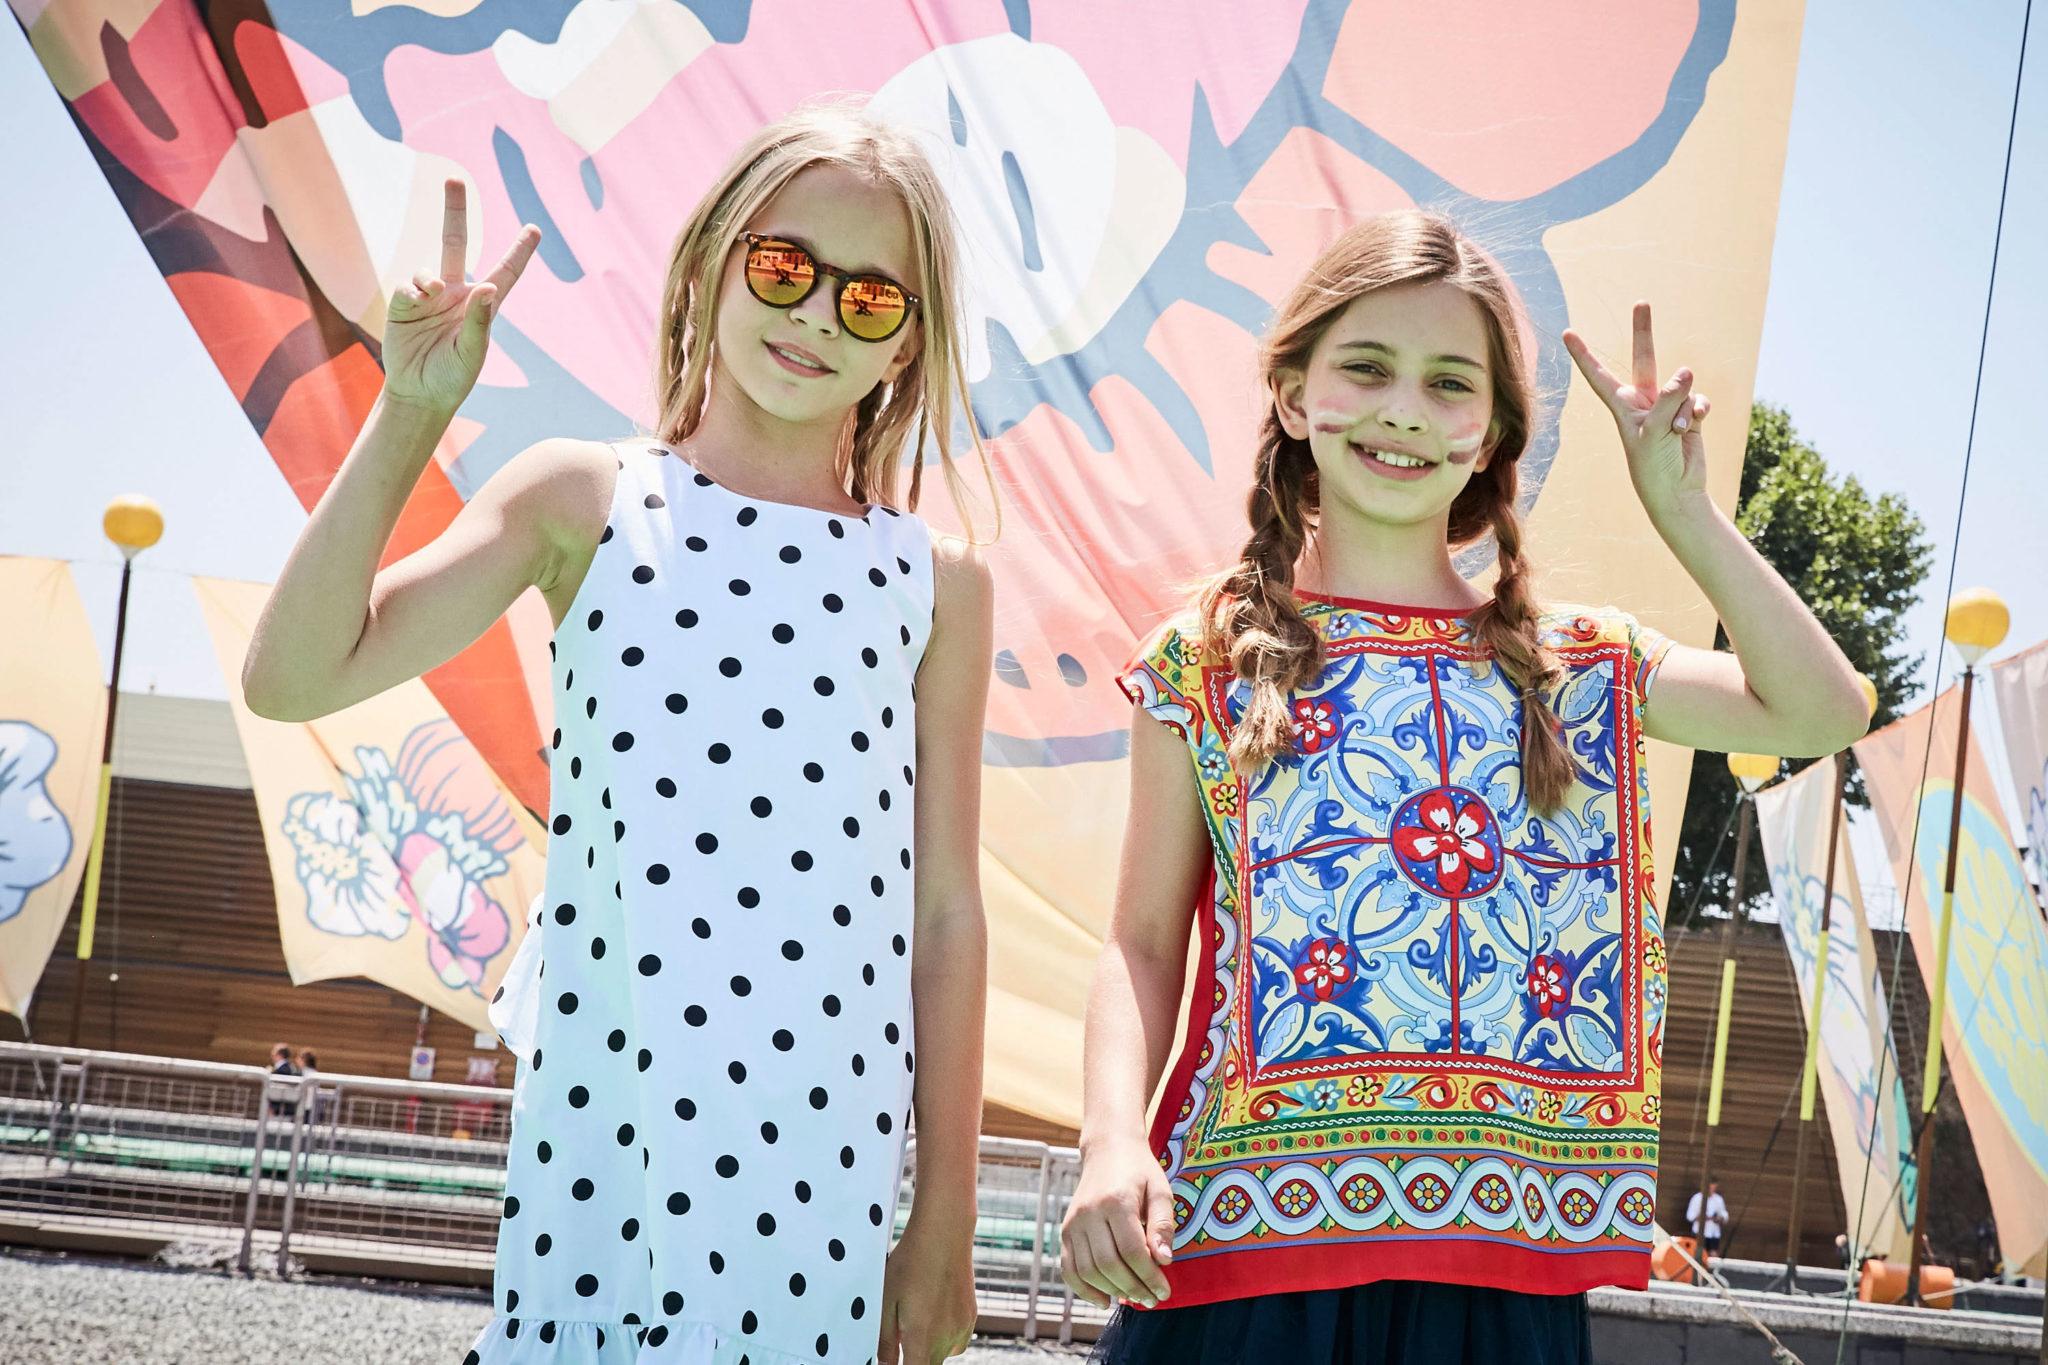 Pitti Immagine Bimbo, Pitti Children's Look